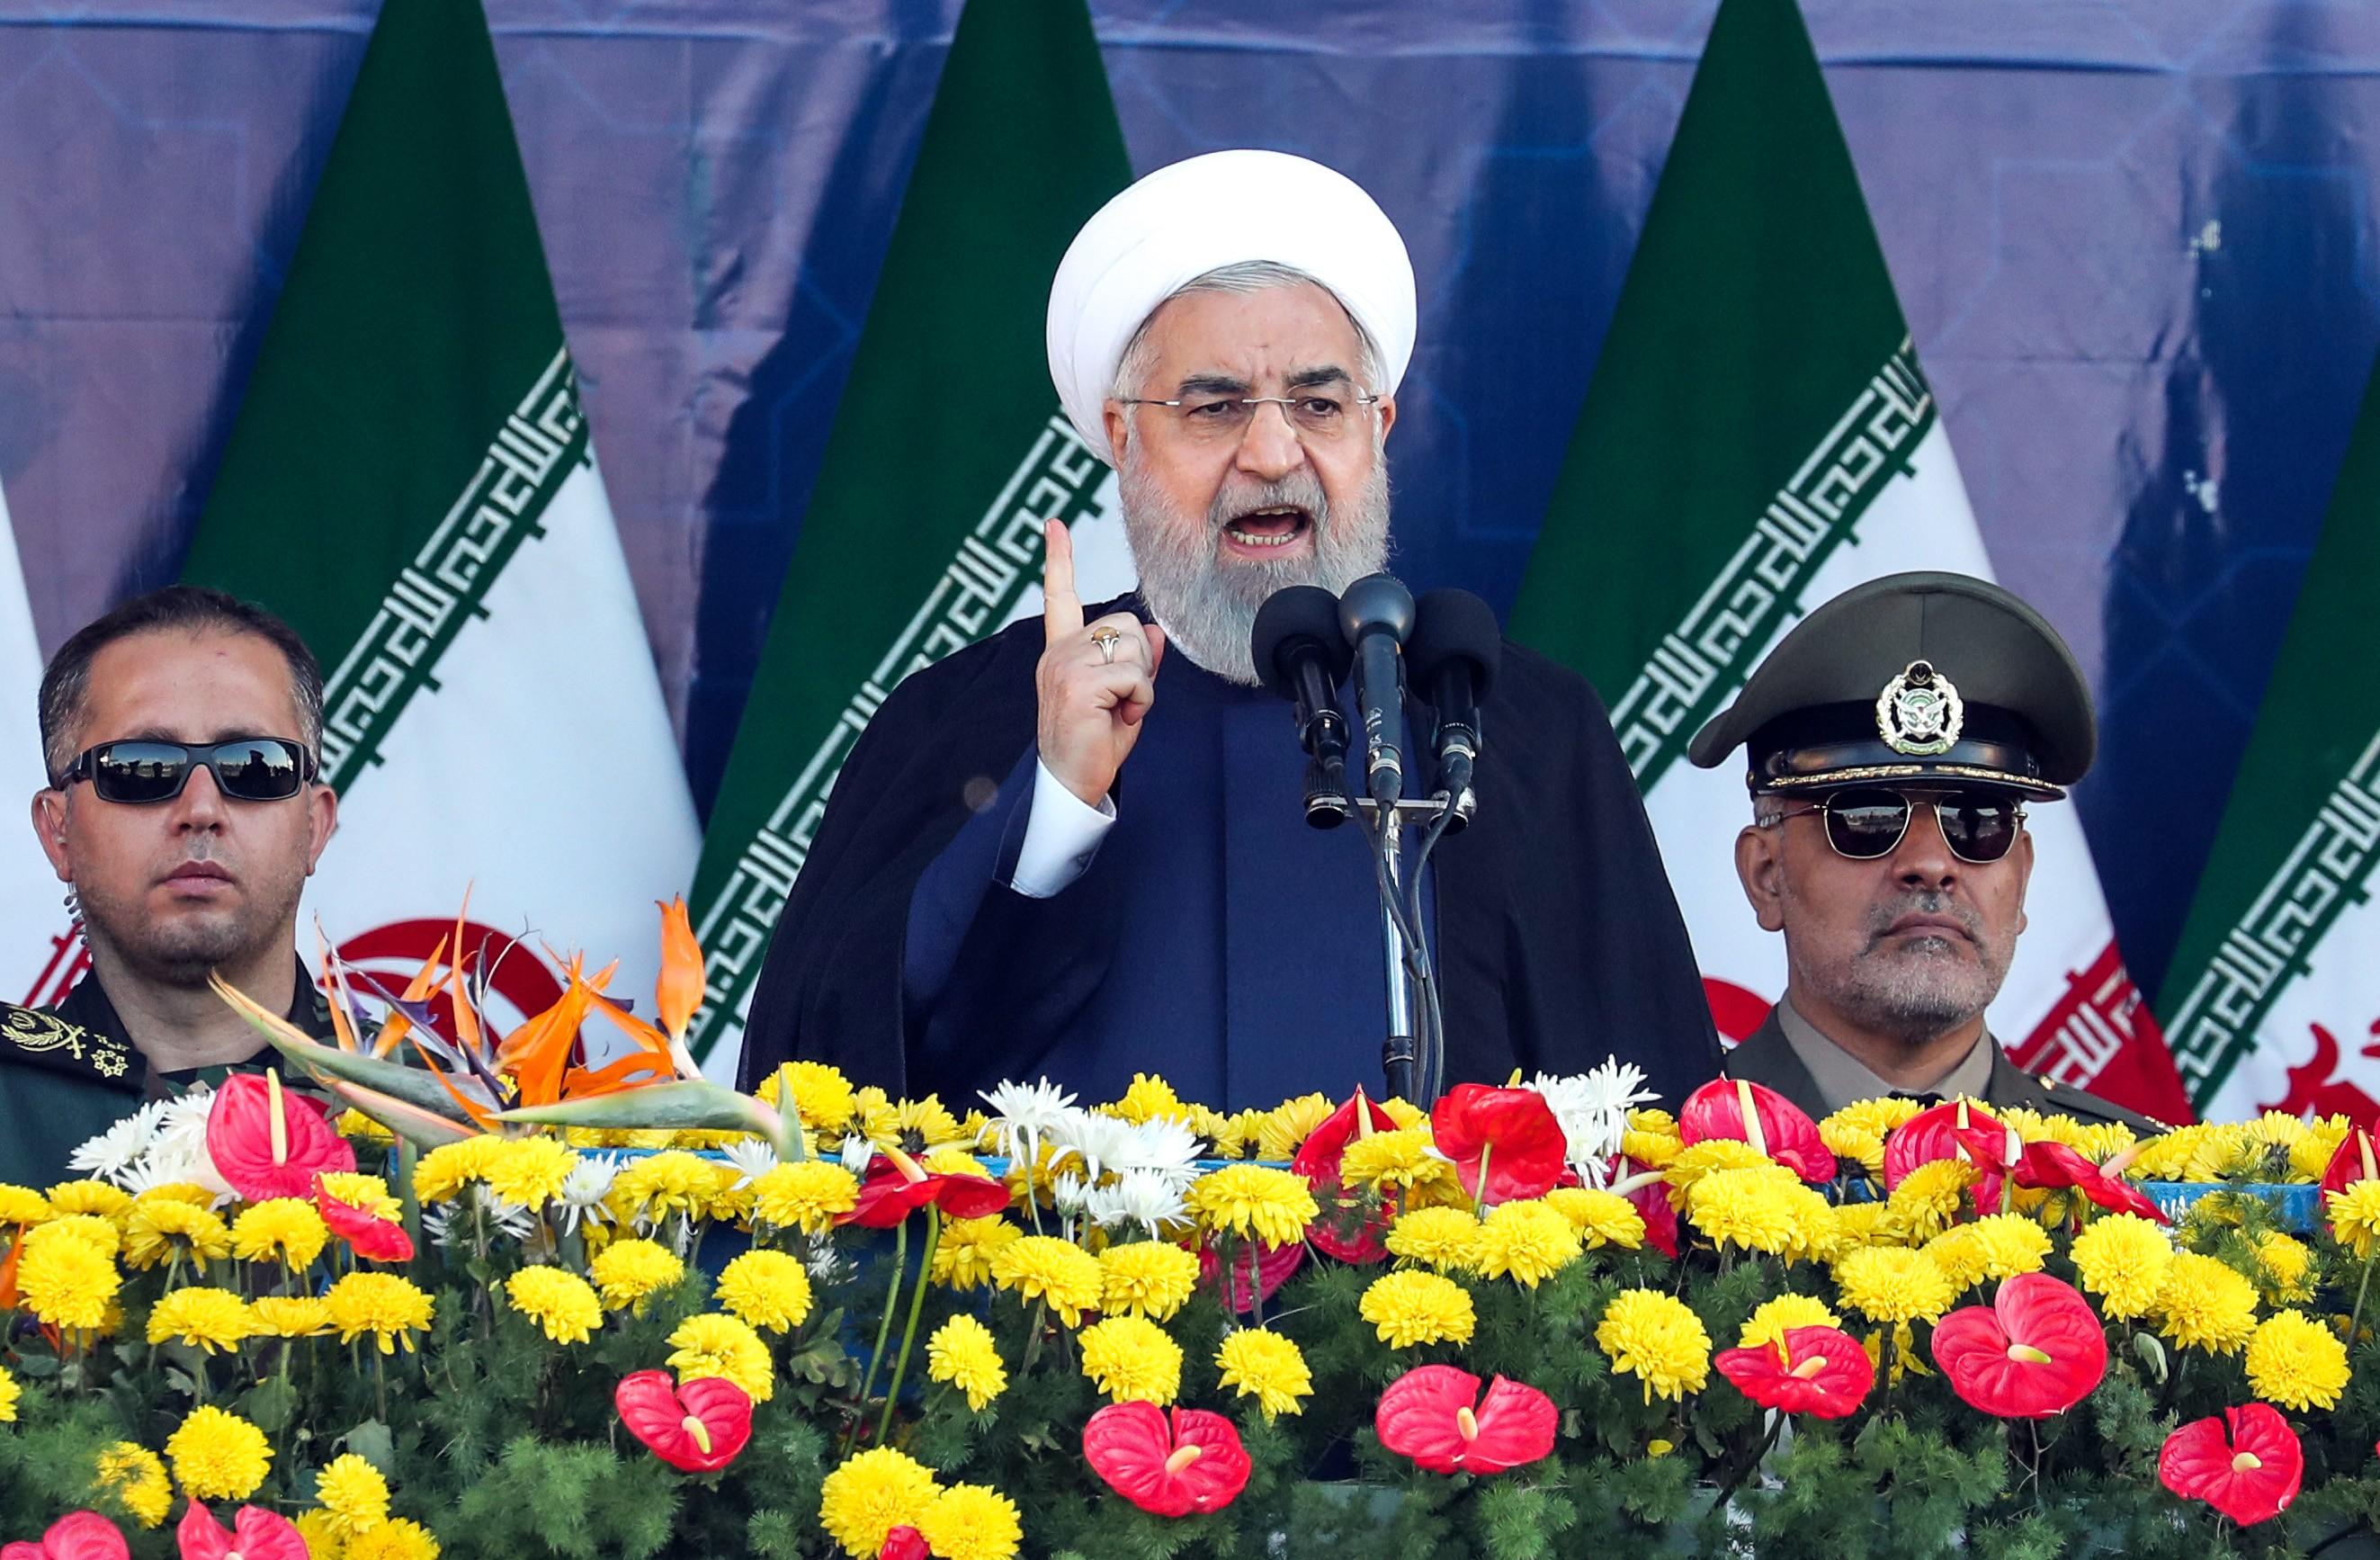 Irã promete resposta 'terrível' ao EI por atentado que deixou dezenas de mortos: 'Terão que responder por isso'